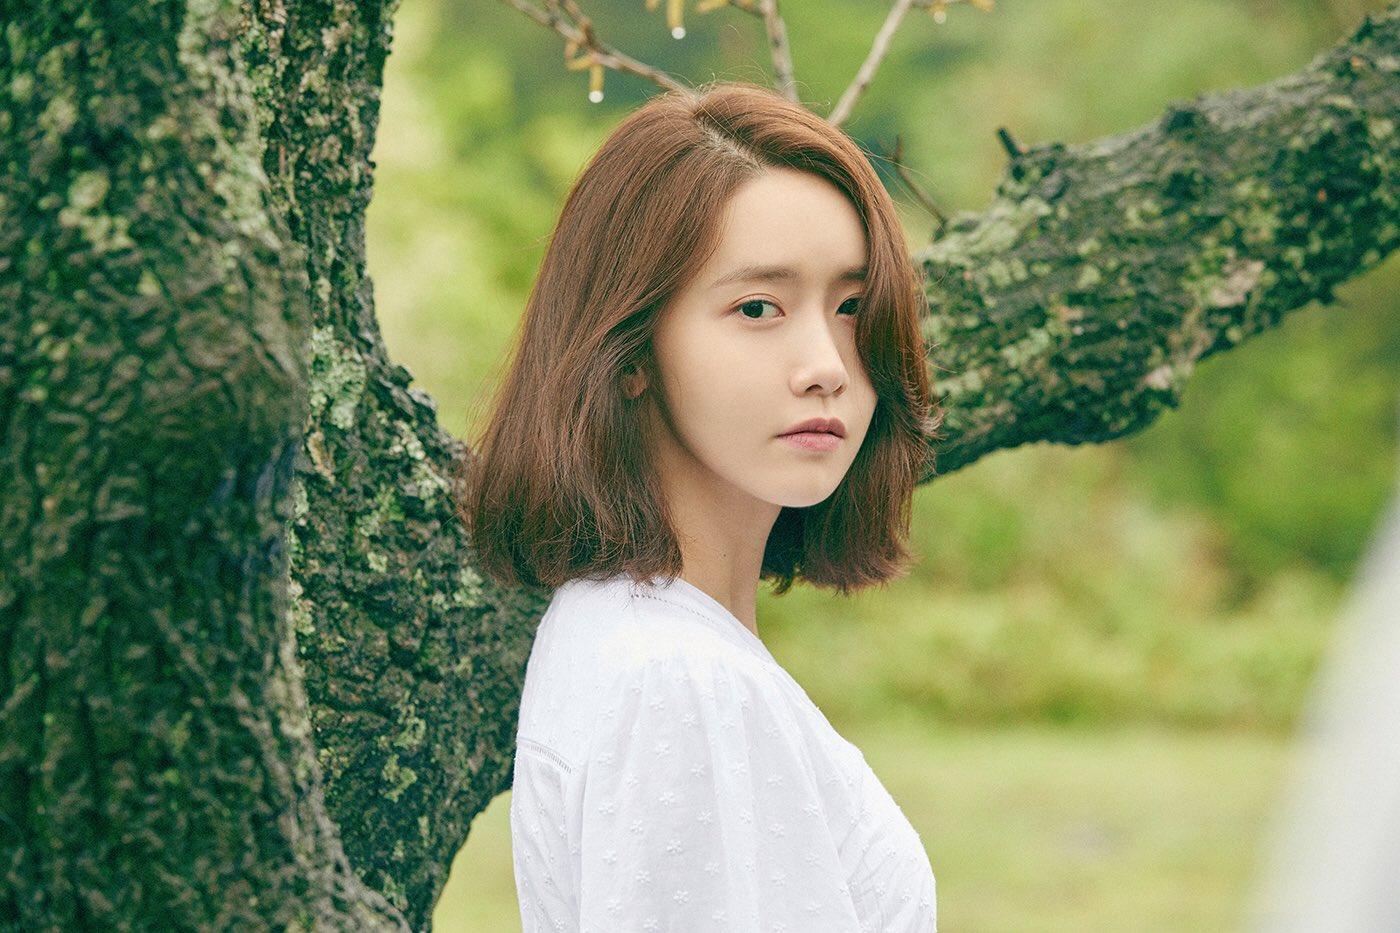 ภาพโปรโมตซิงเกิ้ล To You ของยุนอา